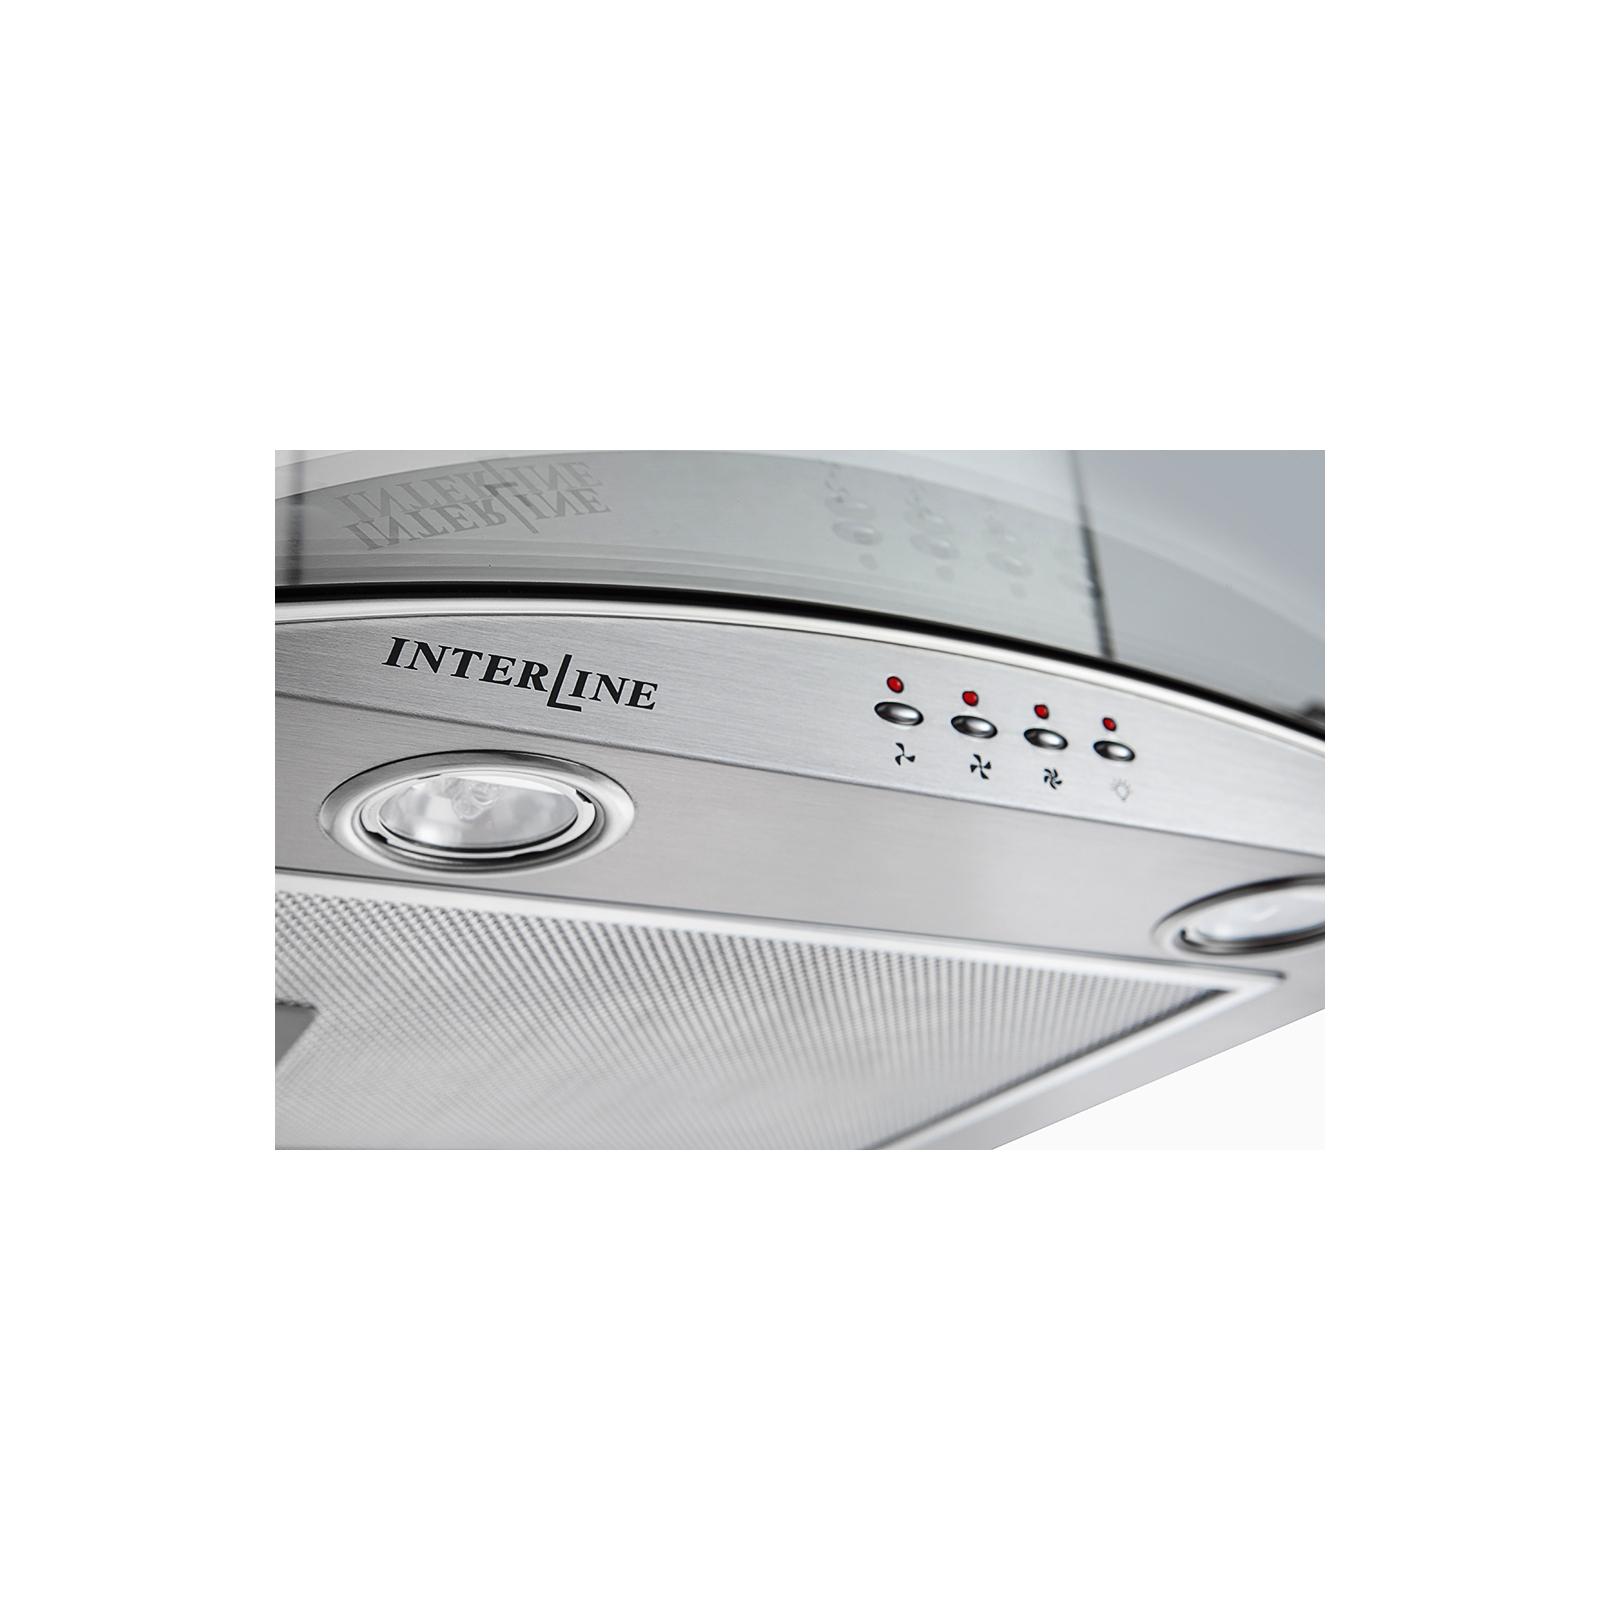 Вытяжка кухонная Interline EAGLE X/V A/60 EB изображение 3